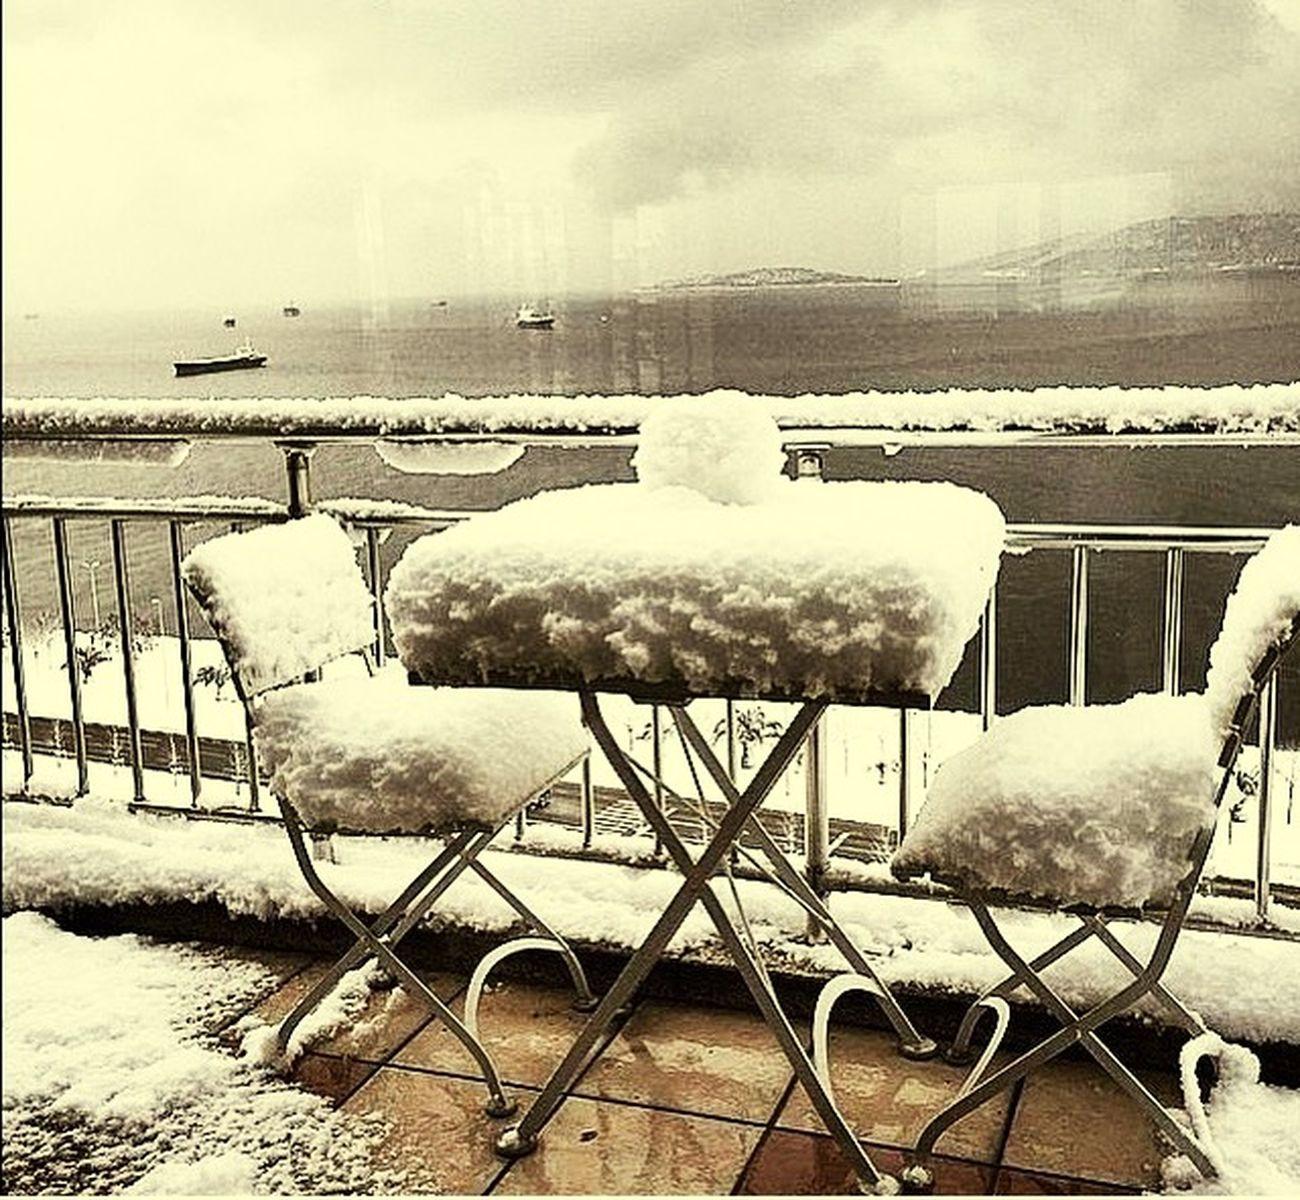 Soğuk Hava Kar Içimiz üşüyor